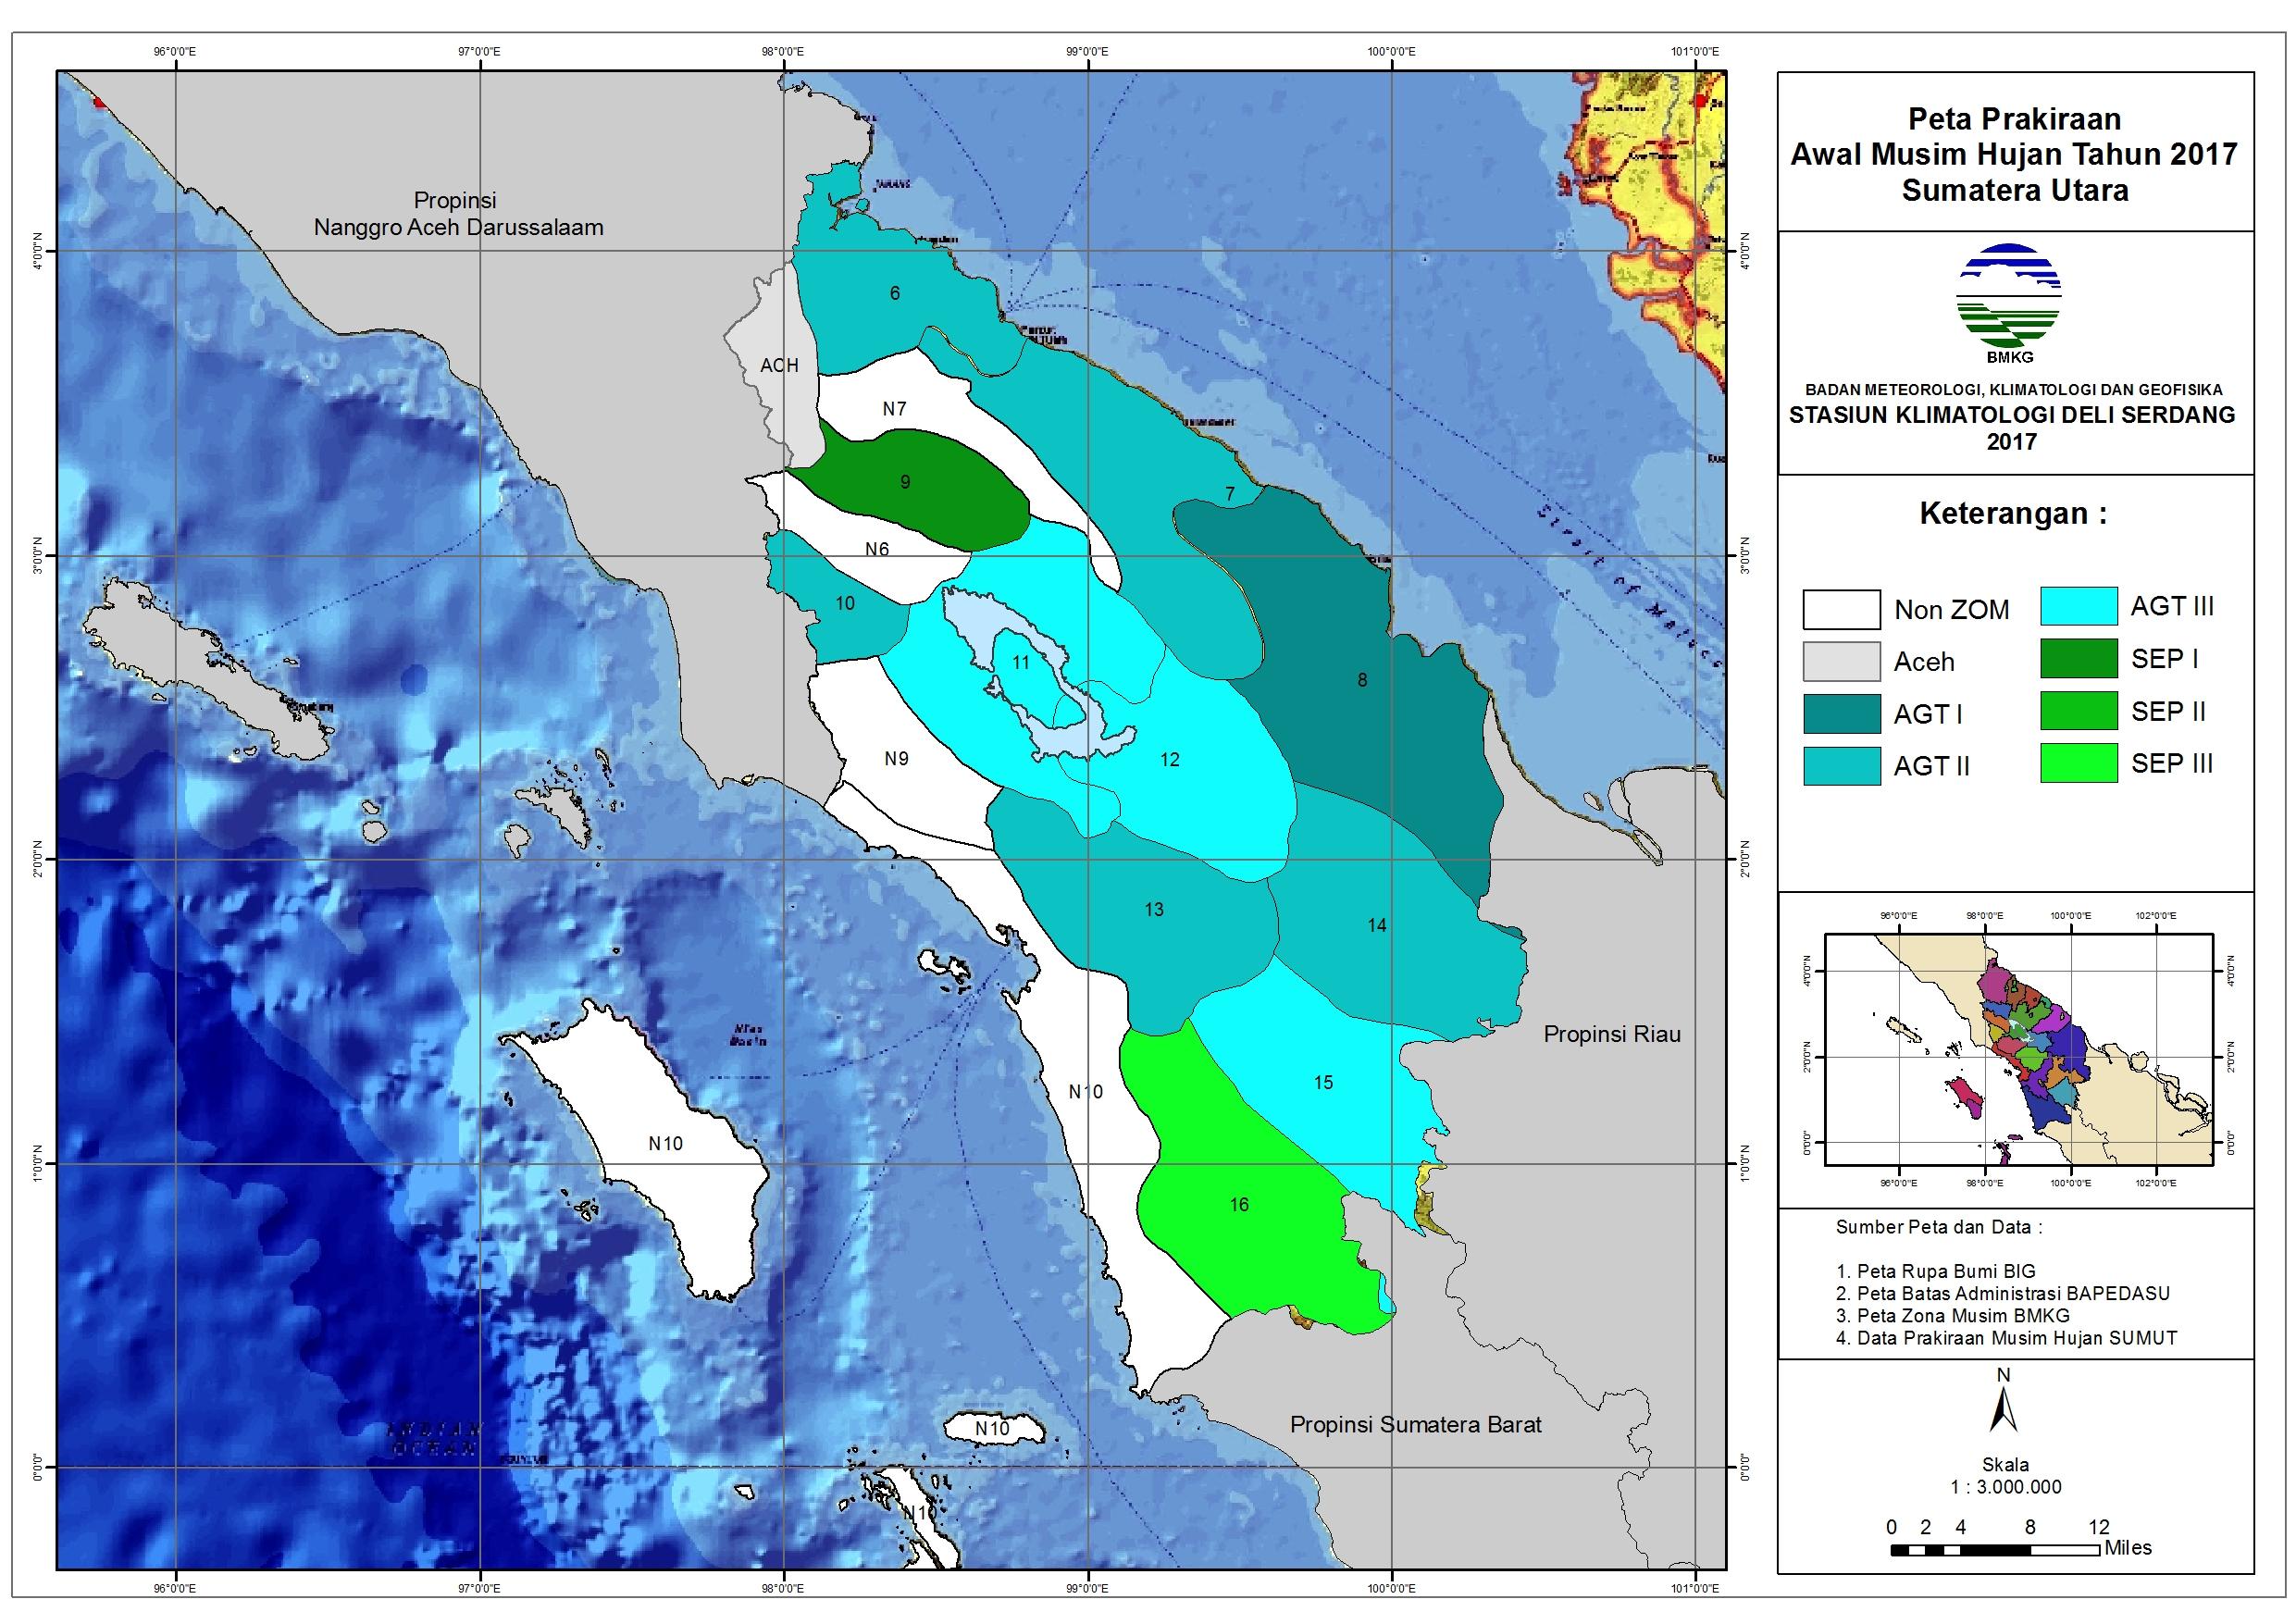 Peta Prakiraan Awal Musim Hujan tahun 2017 di Sumatera Utara